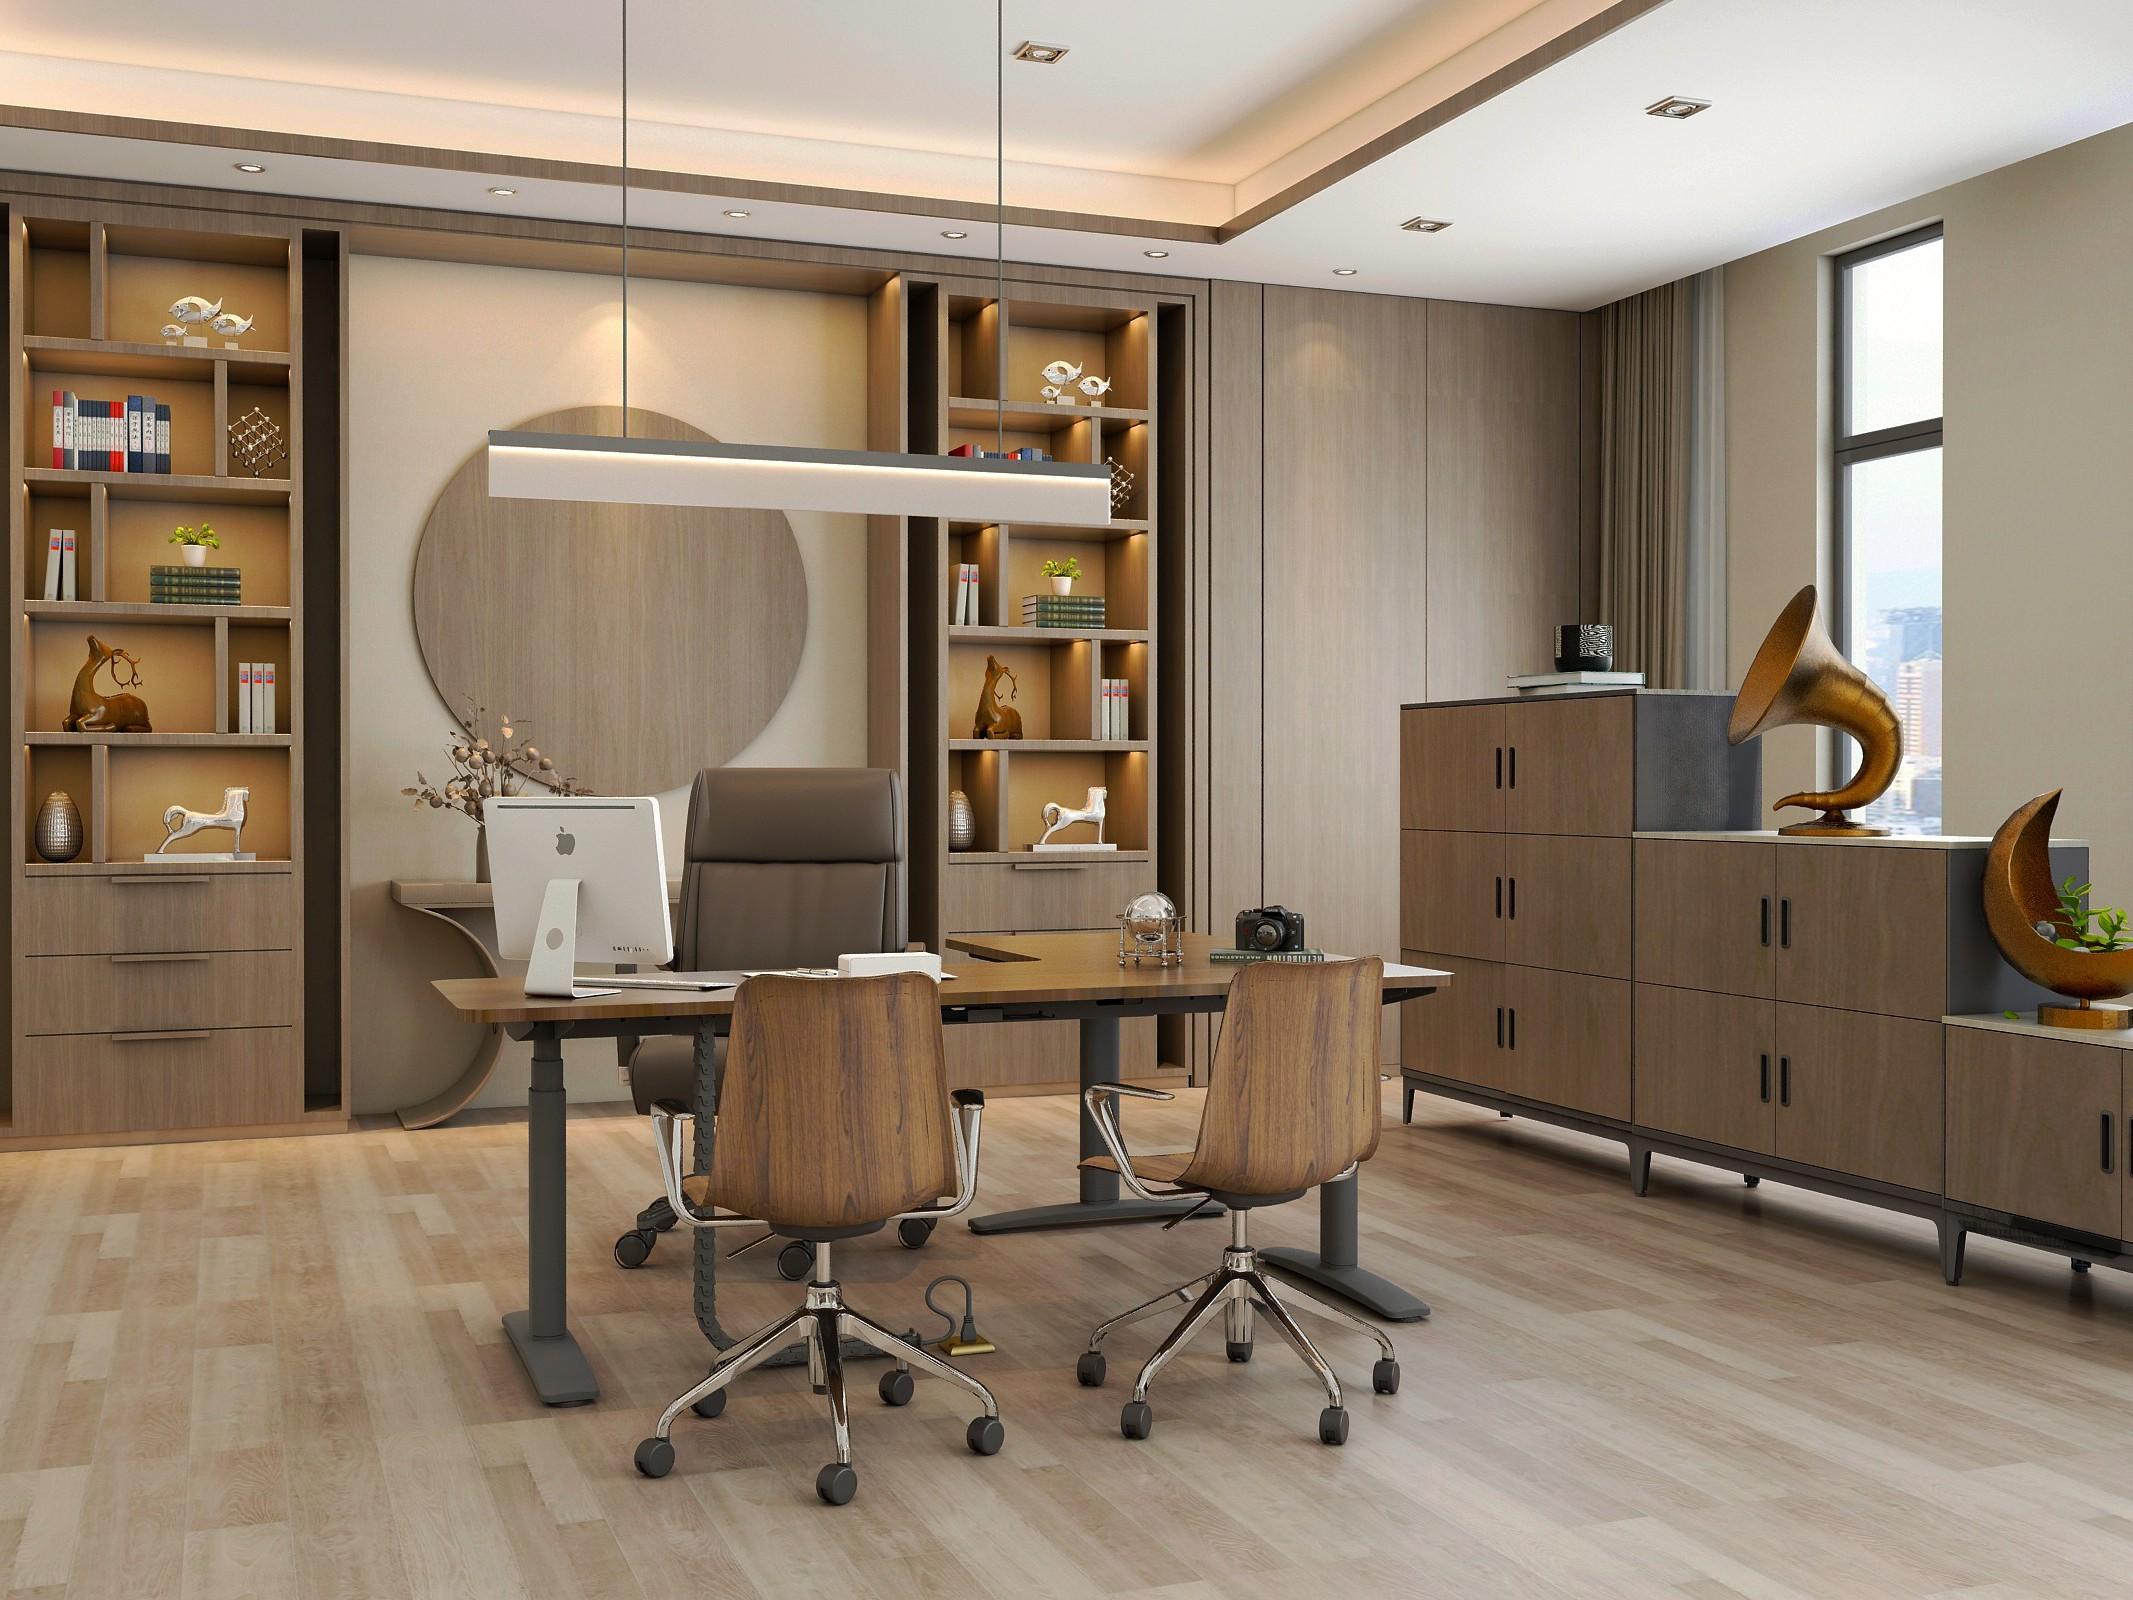 企业如何确保选购的升降办公桌品质安全呢?